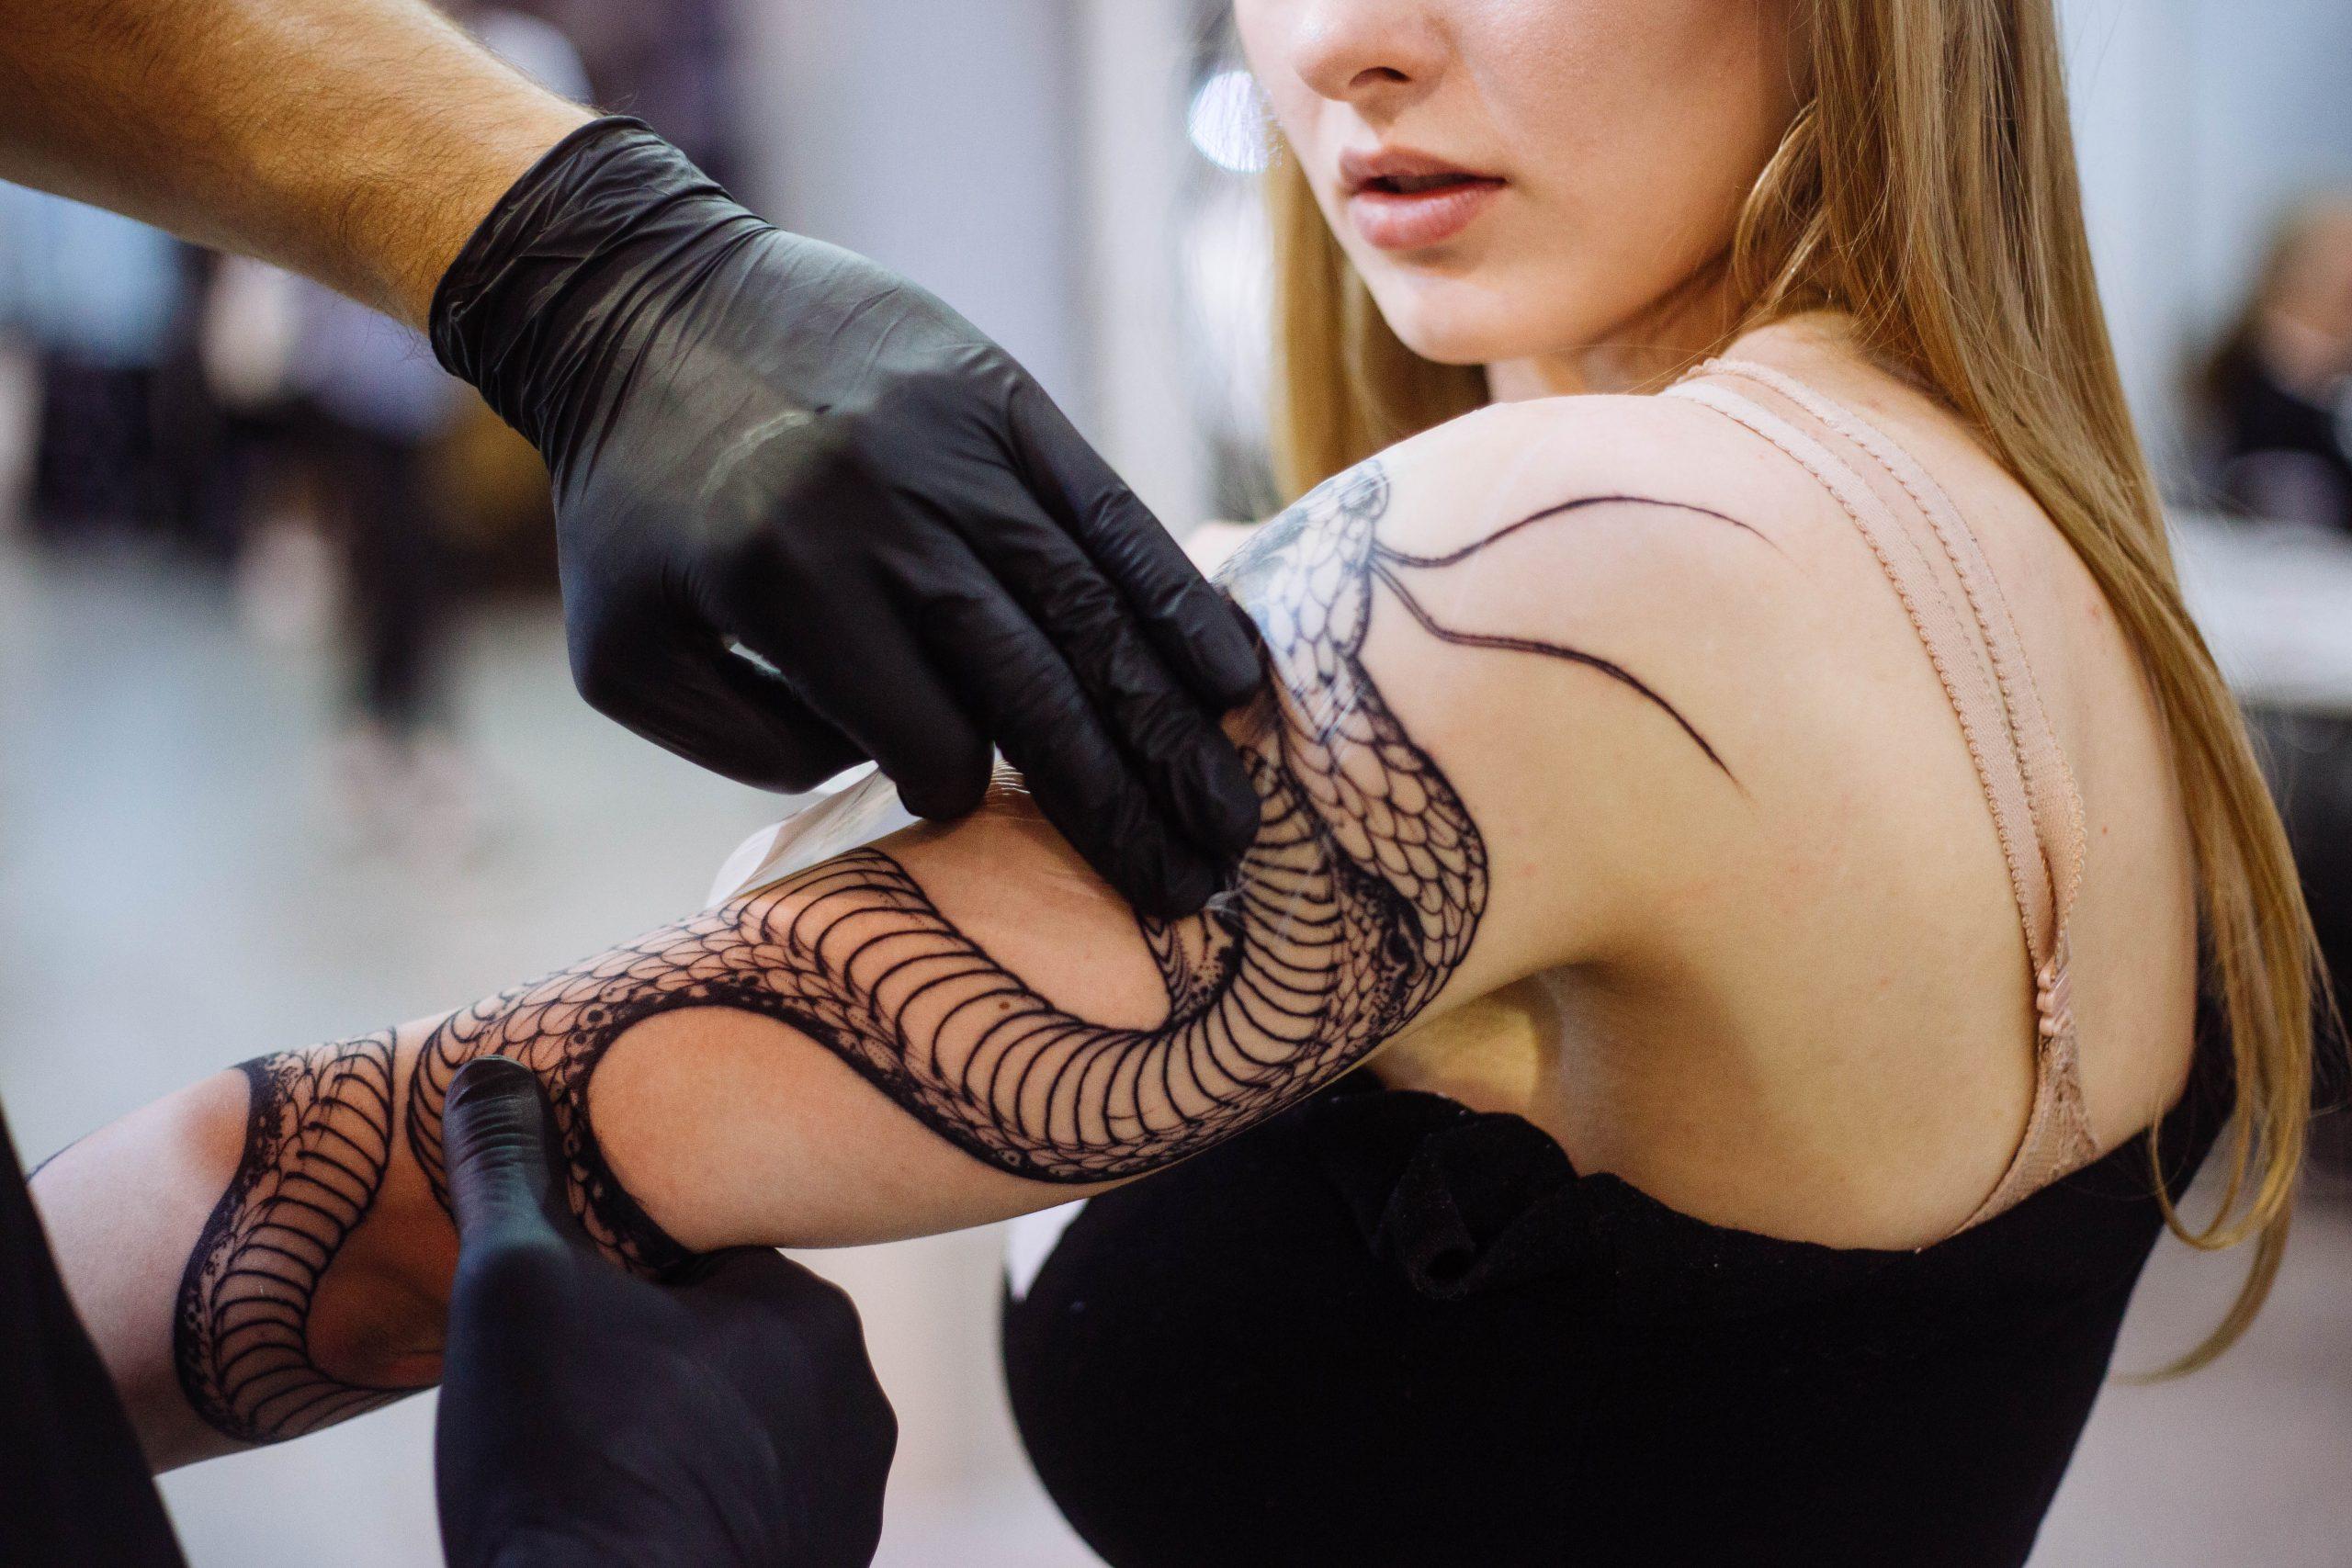 Врач-дерматолог о татуировке: что такое татуировка и как правильно за ней ухаживать в первые дни?